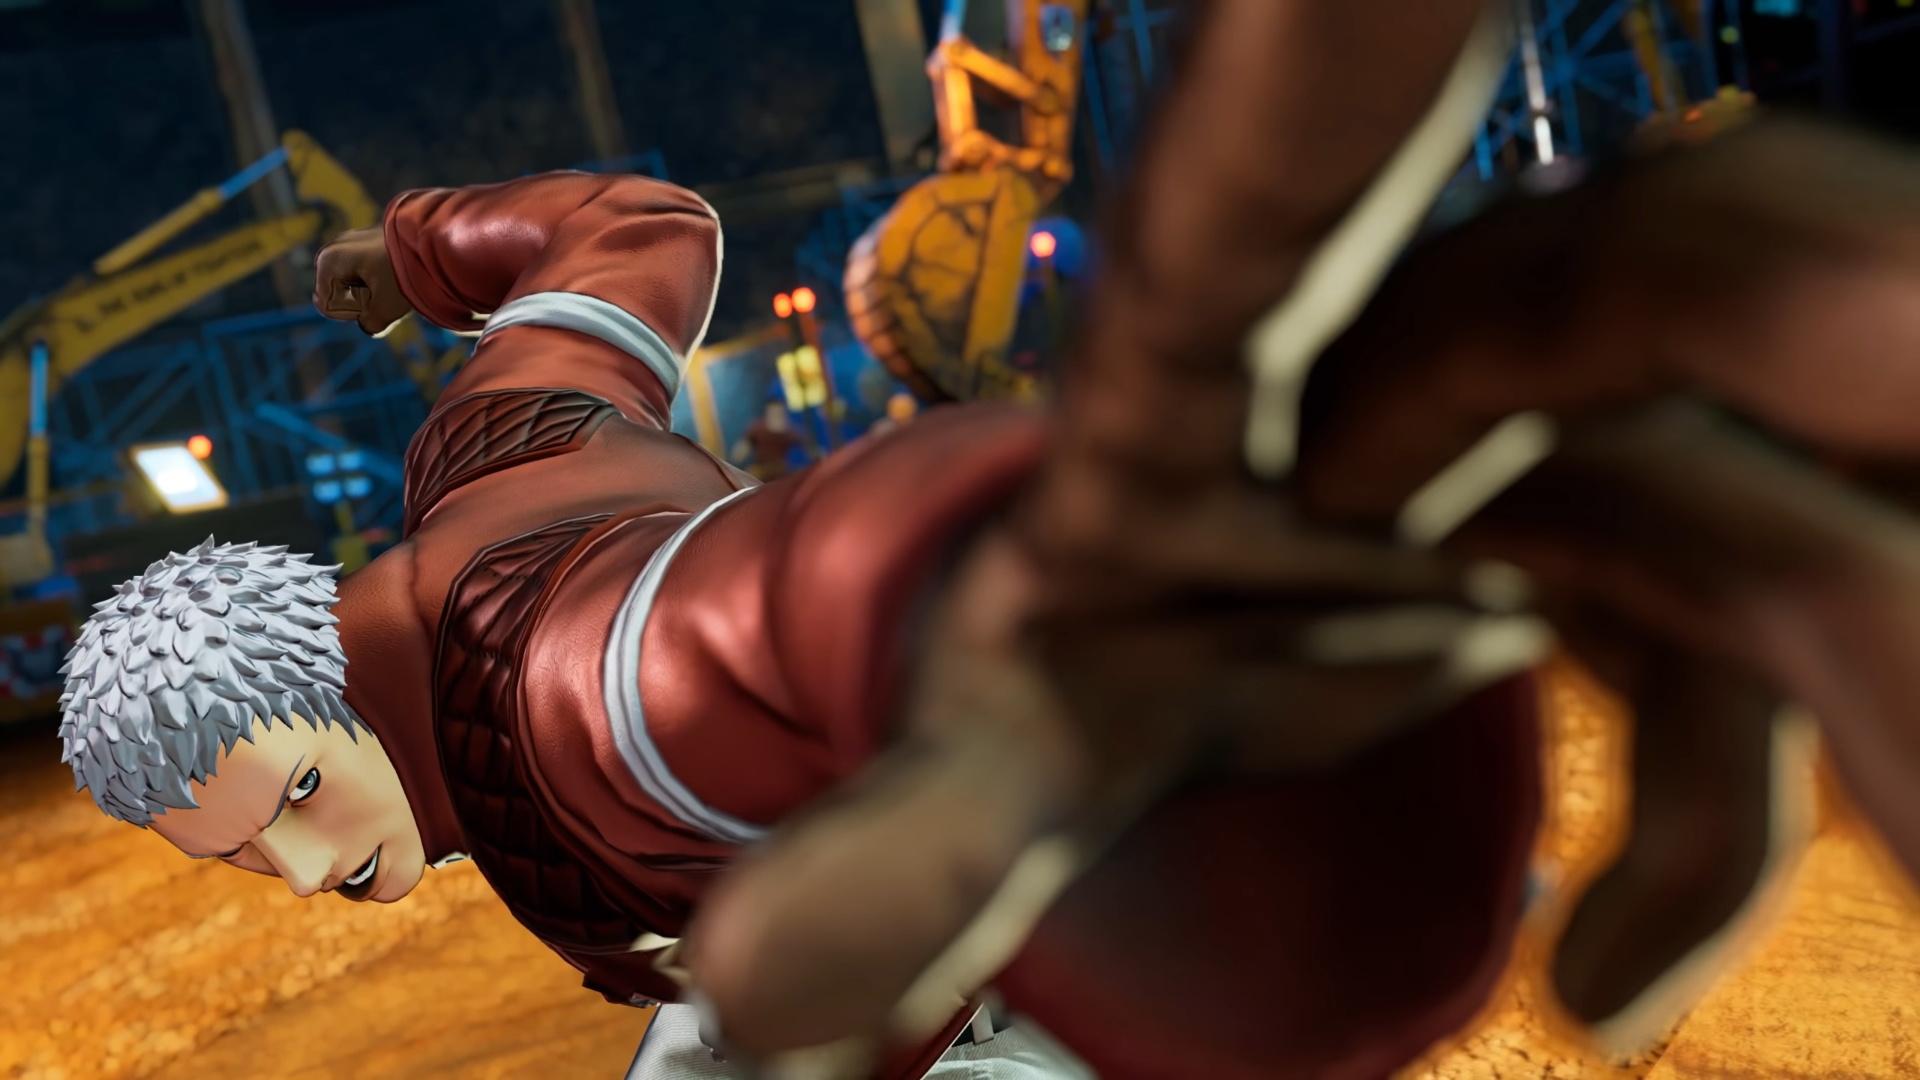 Ясиро Нанакасэ в новом трейлере The King of Fighters XV